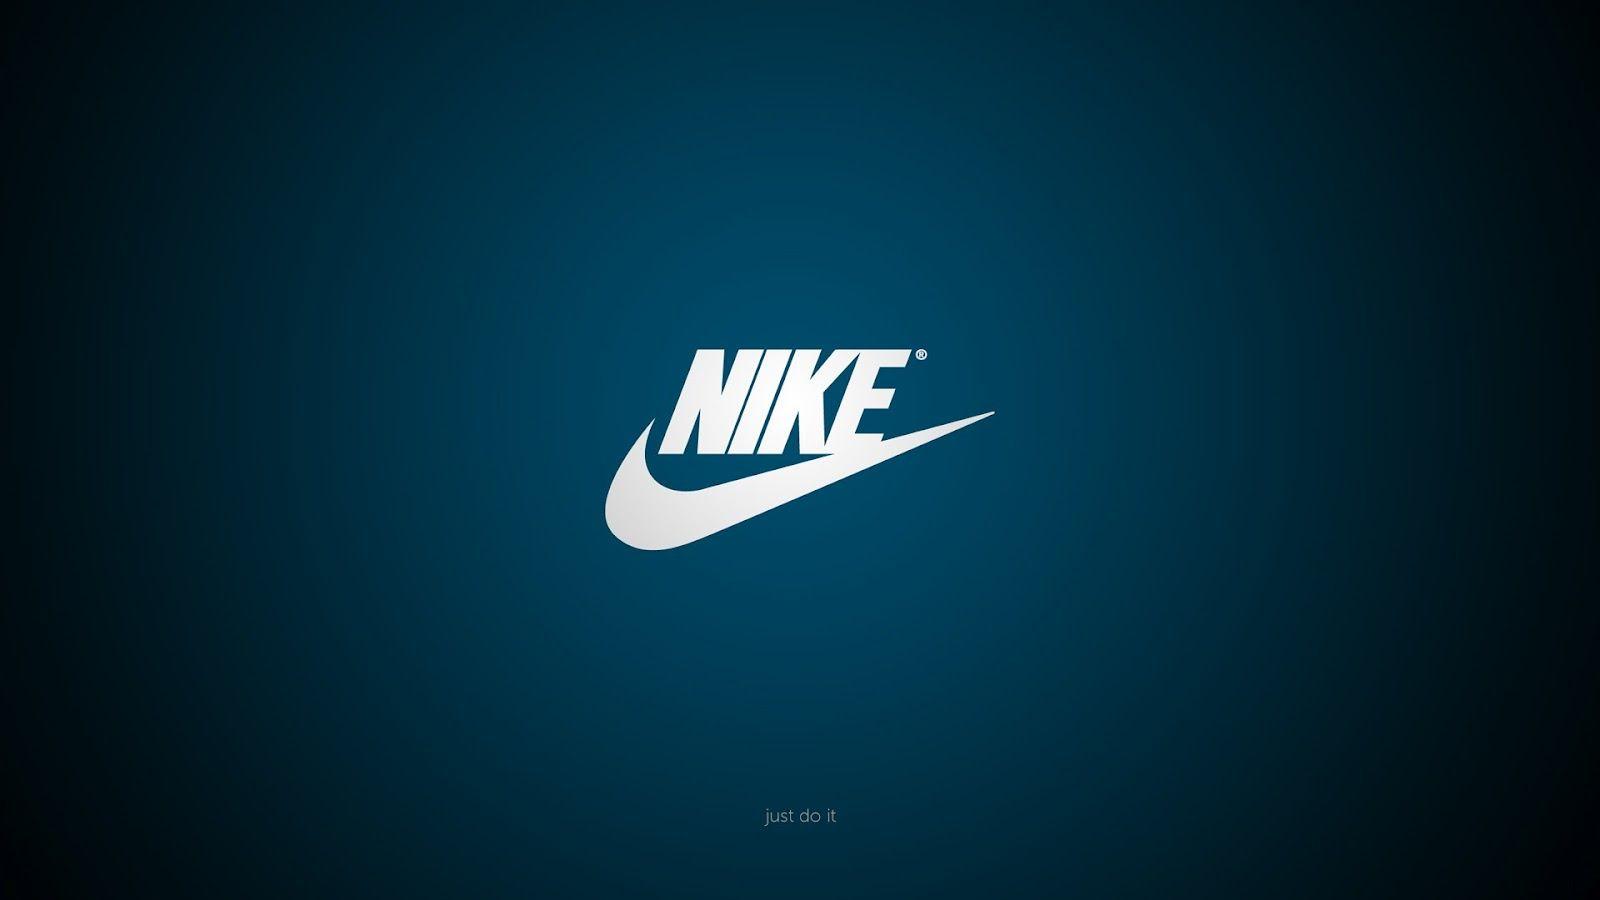 Nike Sport Logo Wallpaper Sport Brand Minimalist Hd